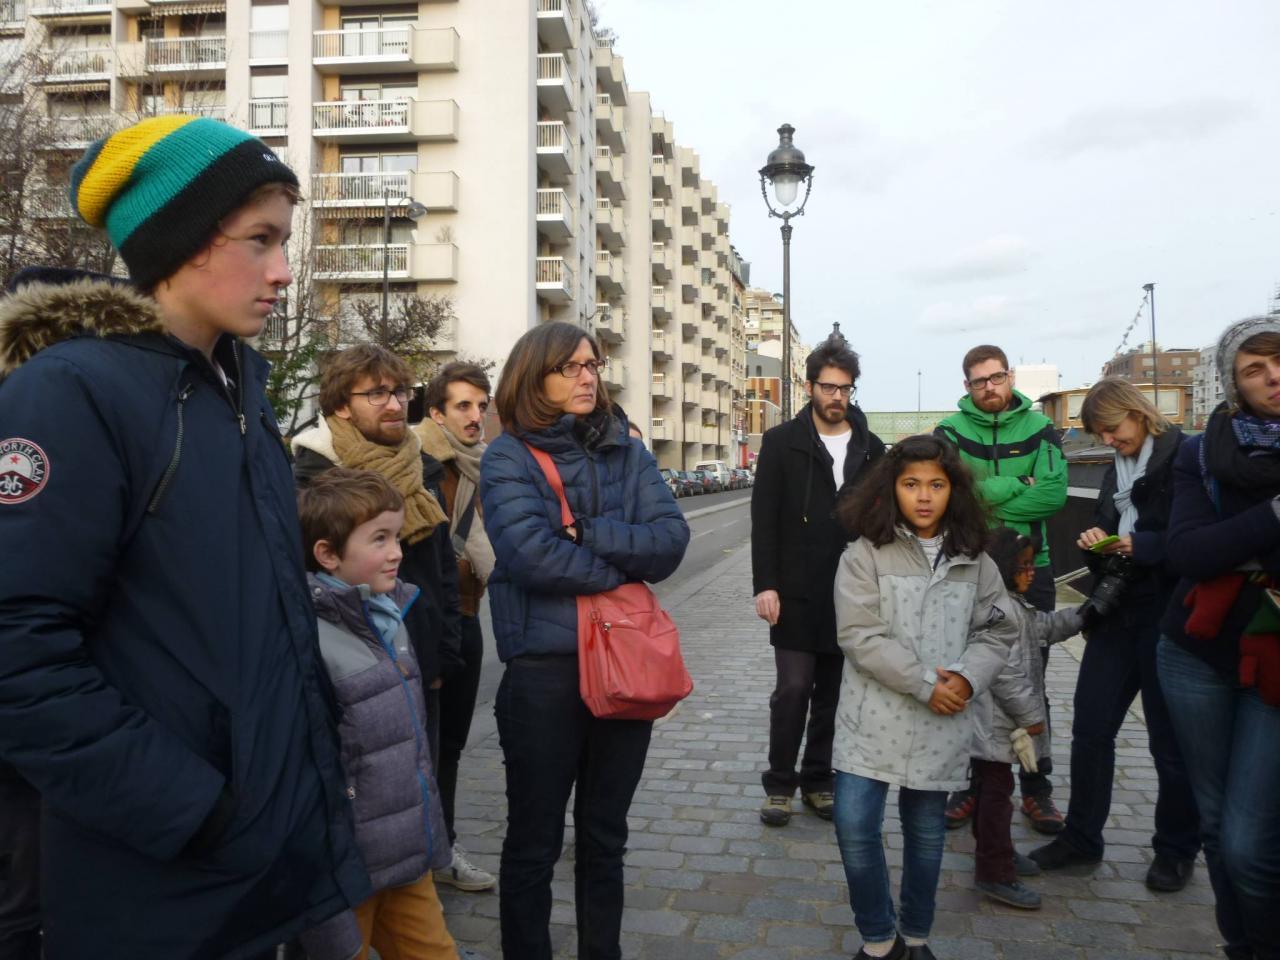 Balade COP 21 - L'eau et les rêves - Paris 28/11/2015